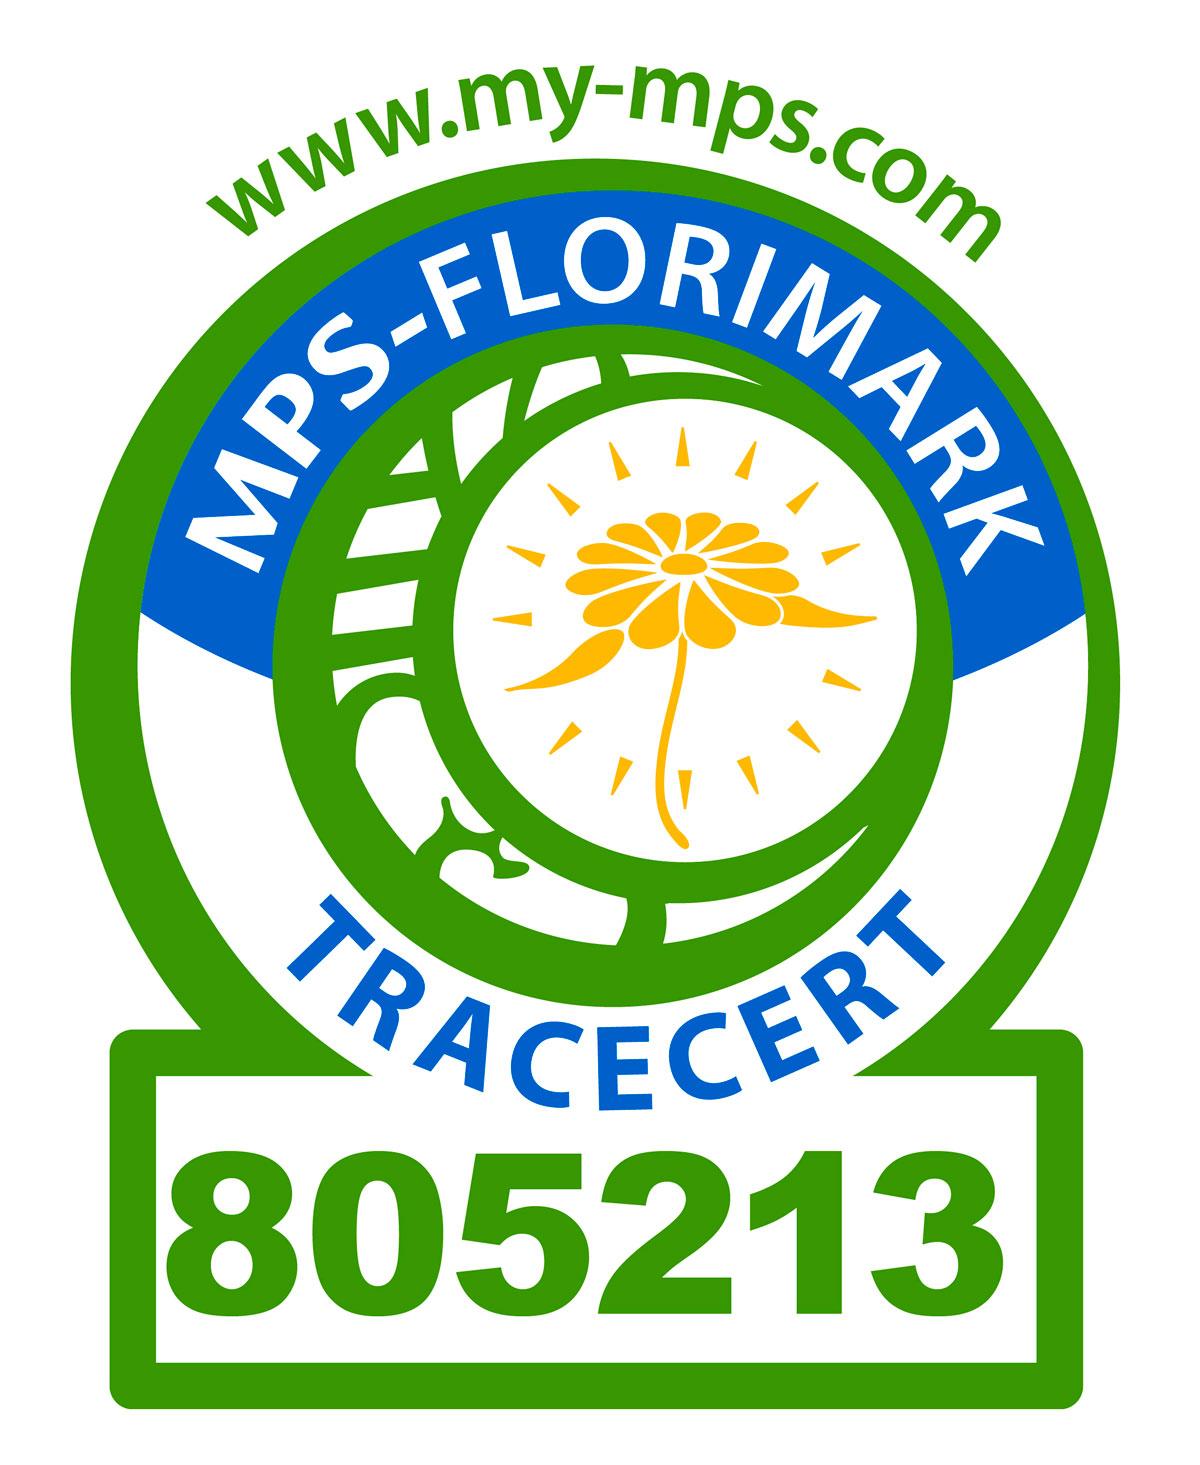 Coplant Galicia y sus productores consiguen varios certificados clave en el sector verde